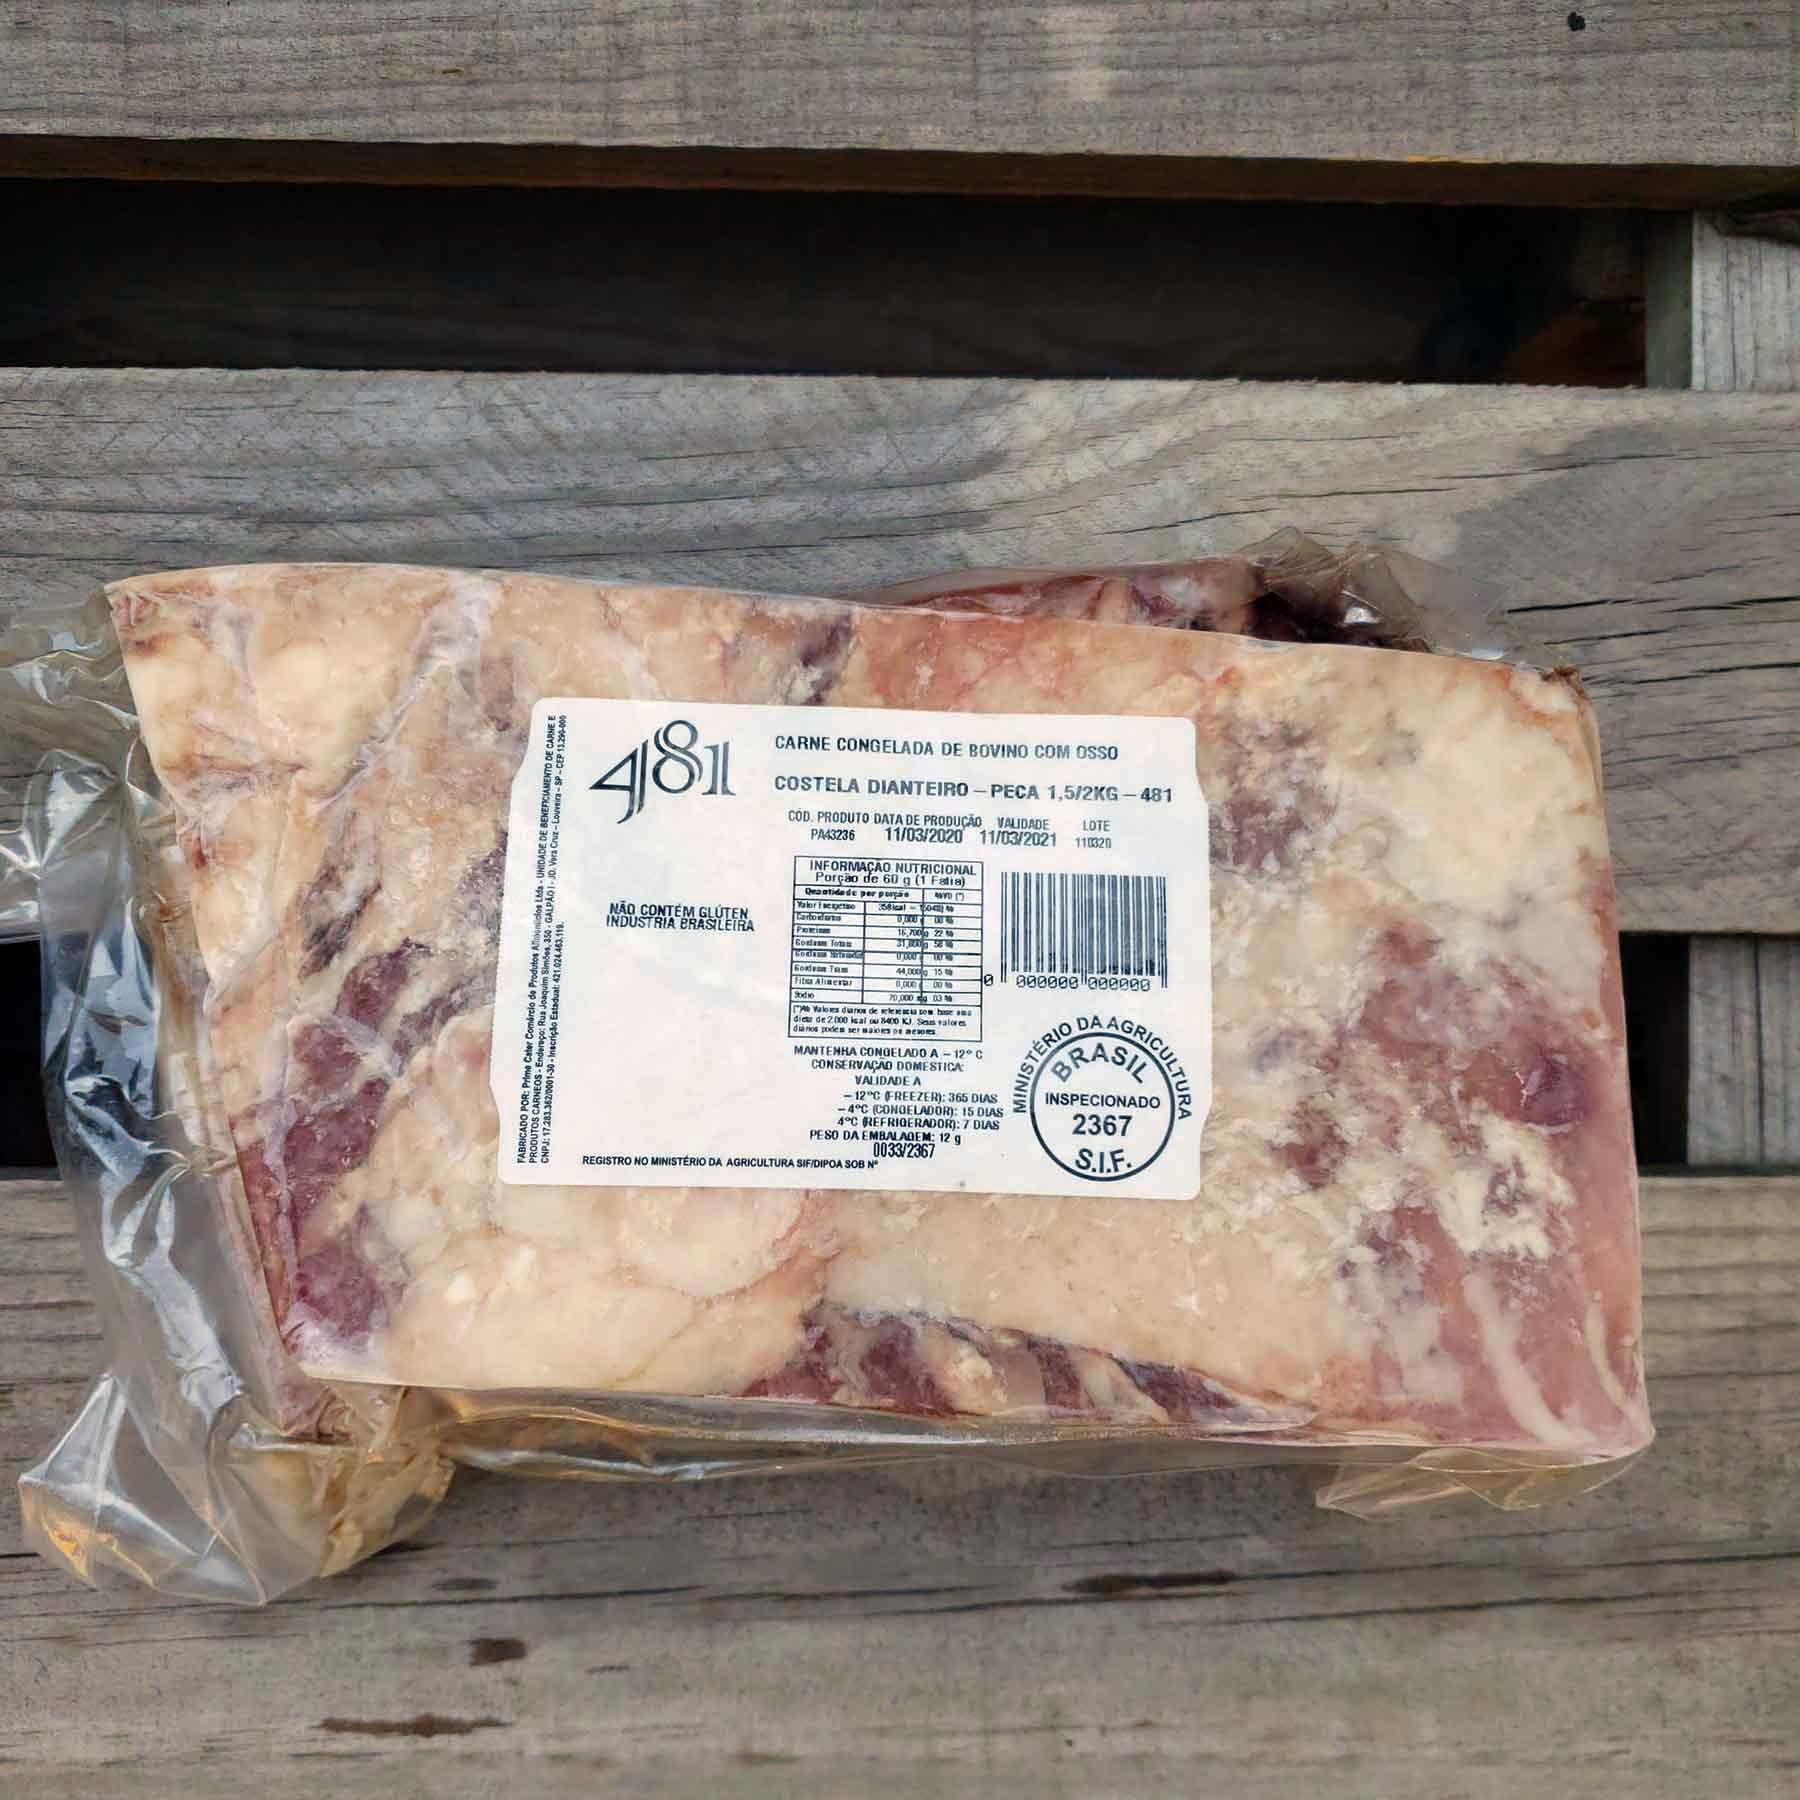 COSTELA DO DIANTEIRO - 481 - PEÇA 1,5kg à 2kg  - Partiu Churras